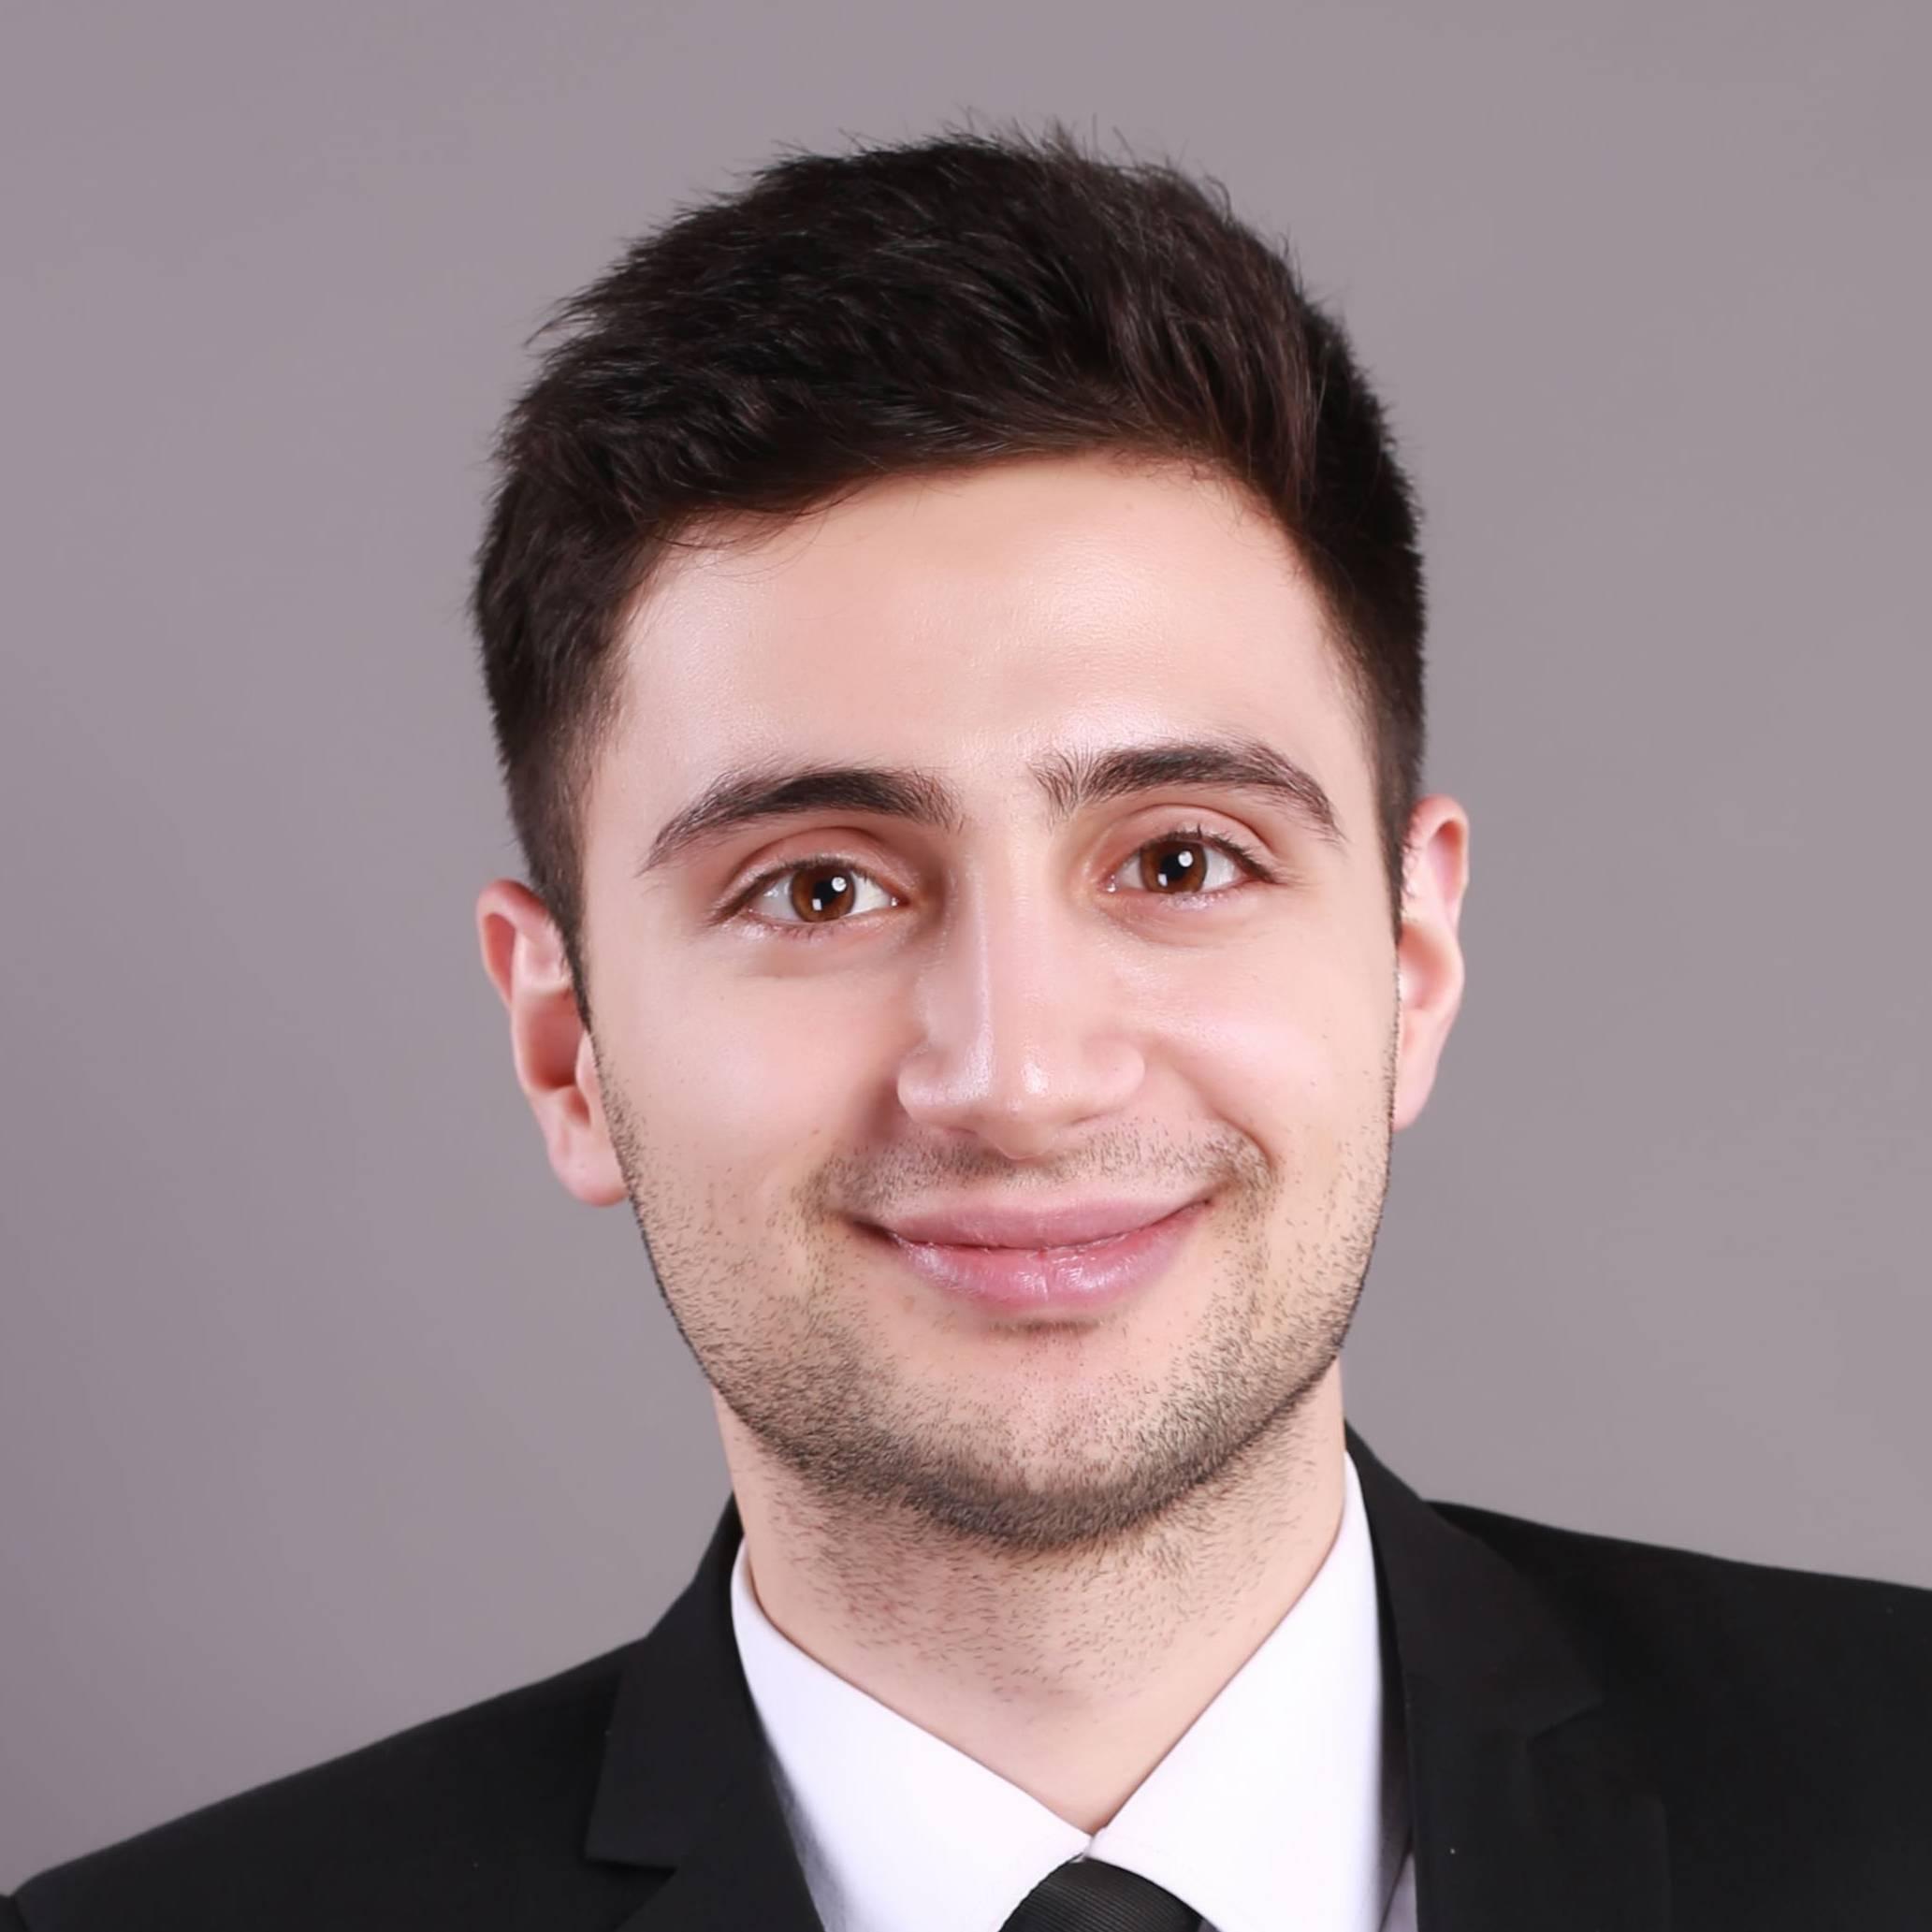 Miryusif Gadirov